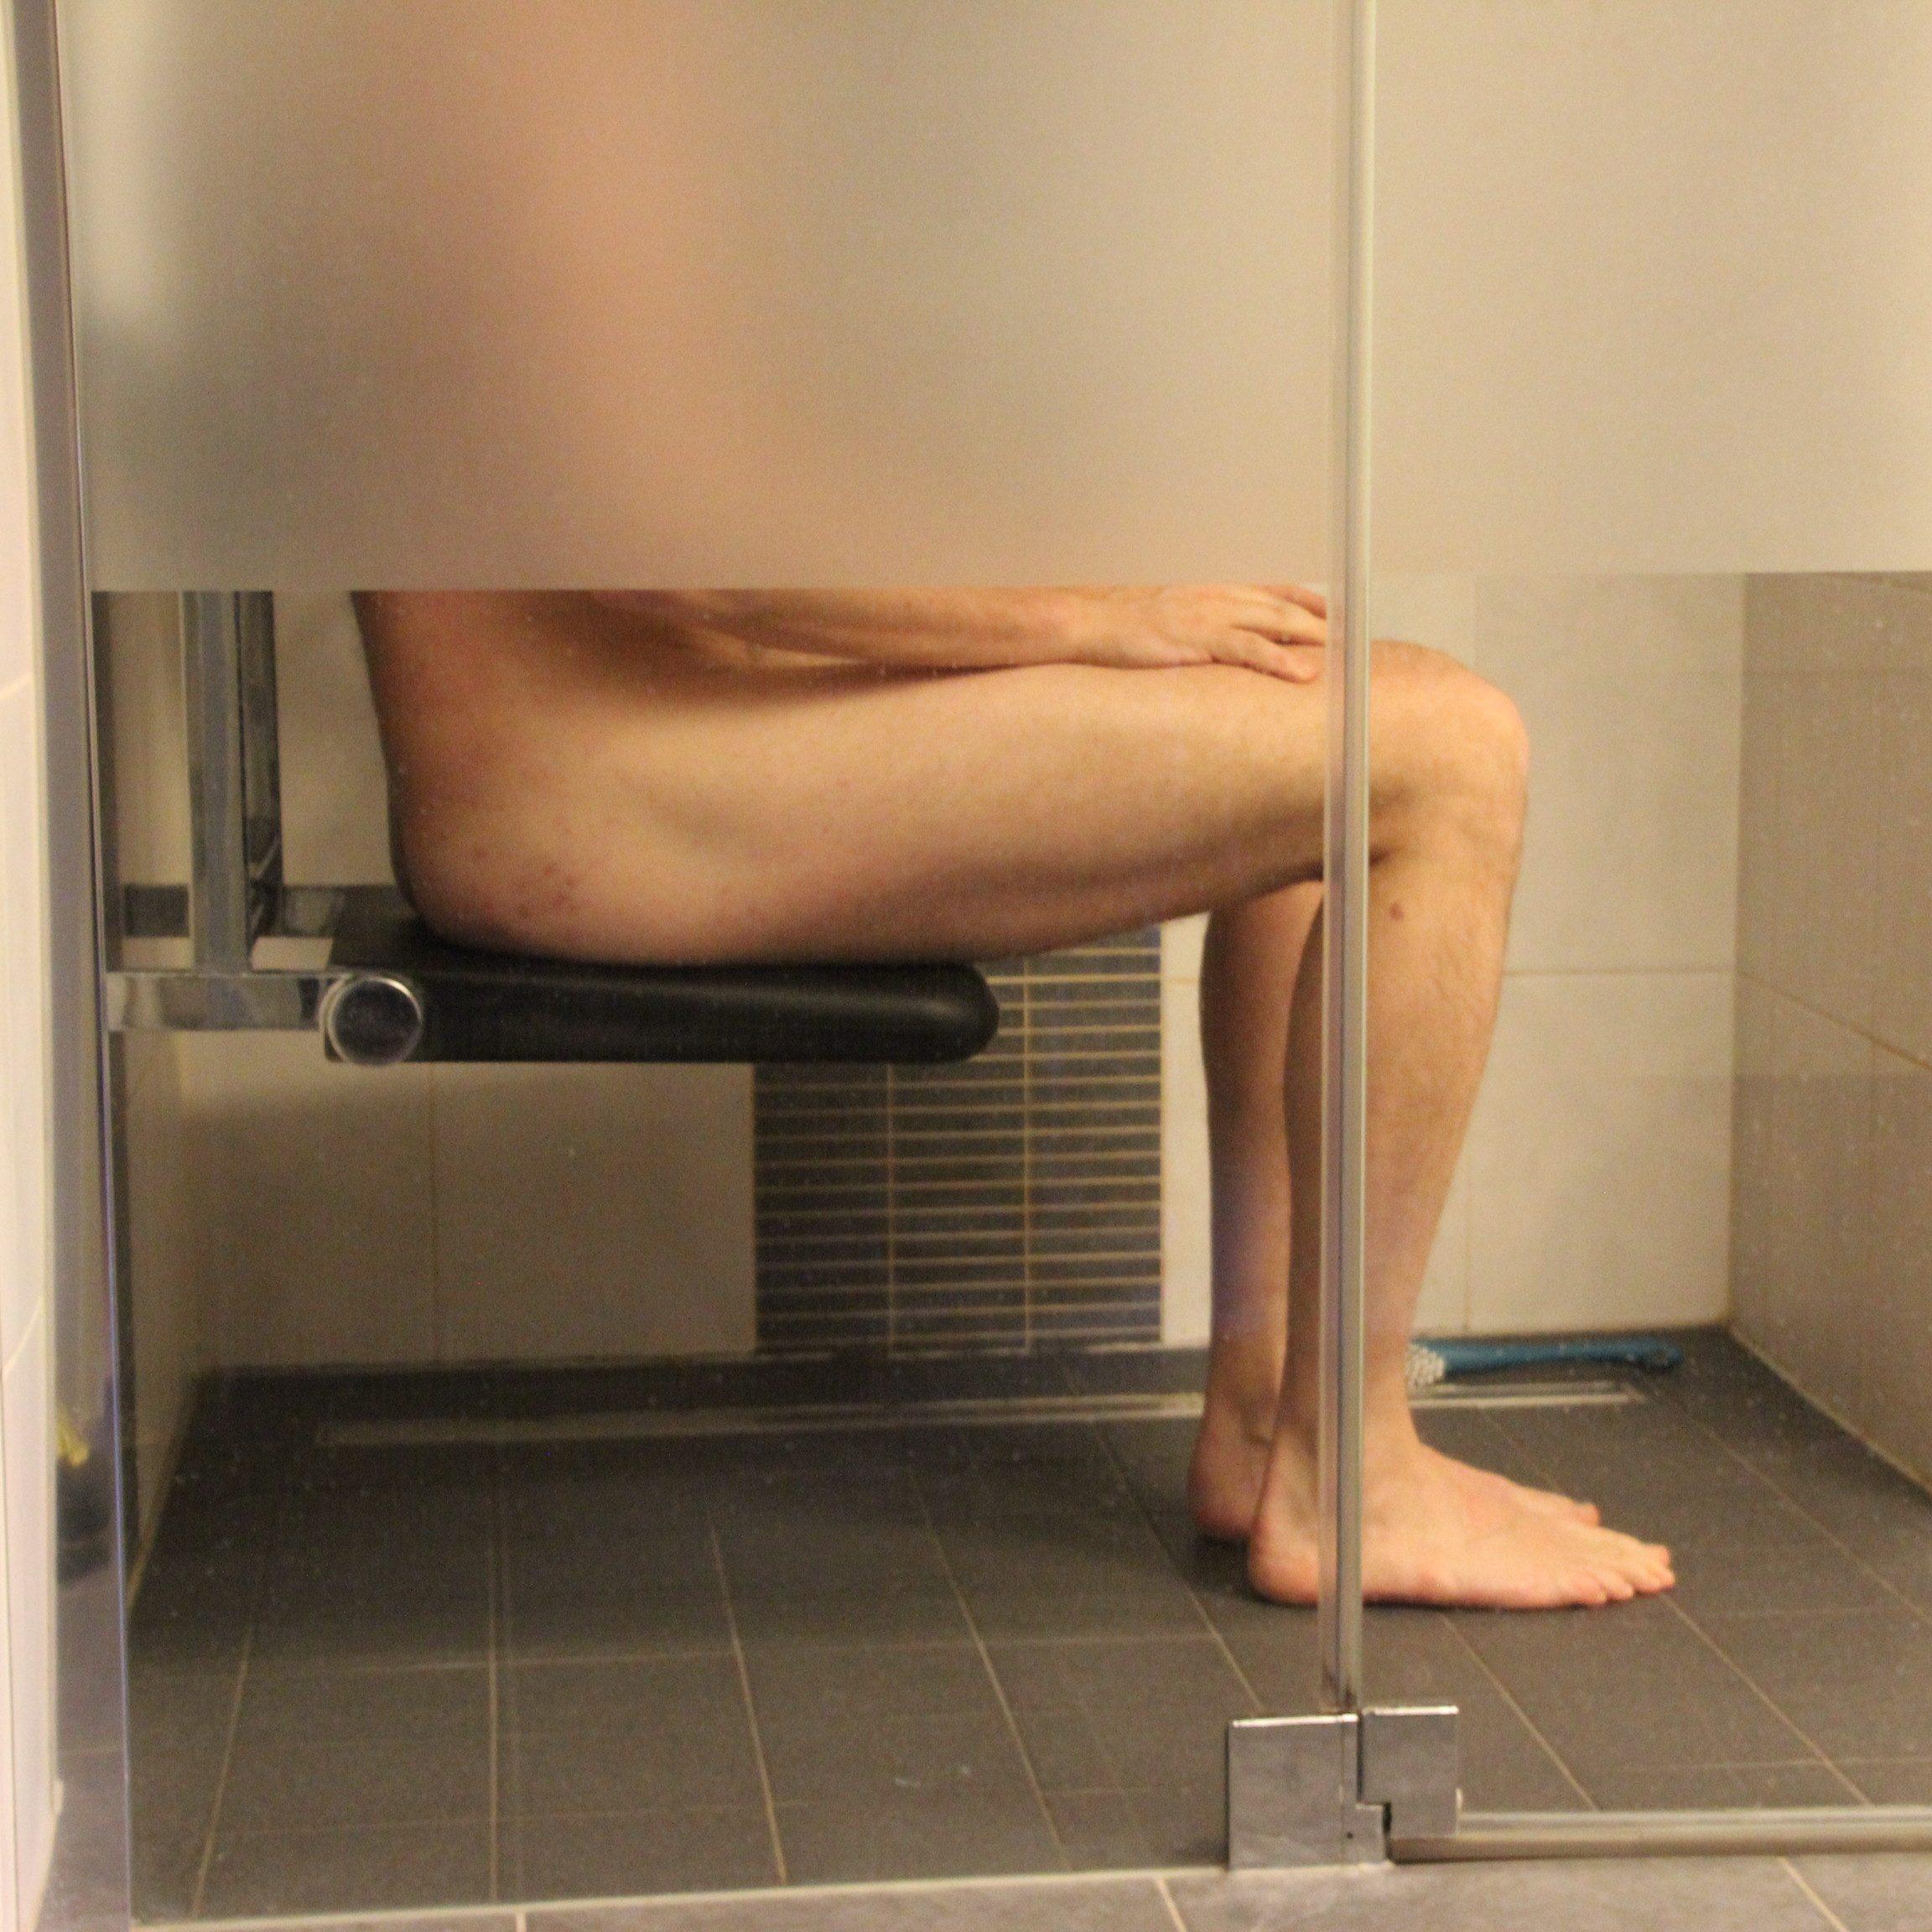 douchen- douchestoel- ADL- aangepaste badkamer